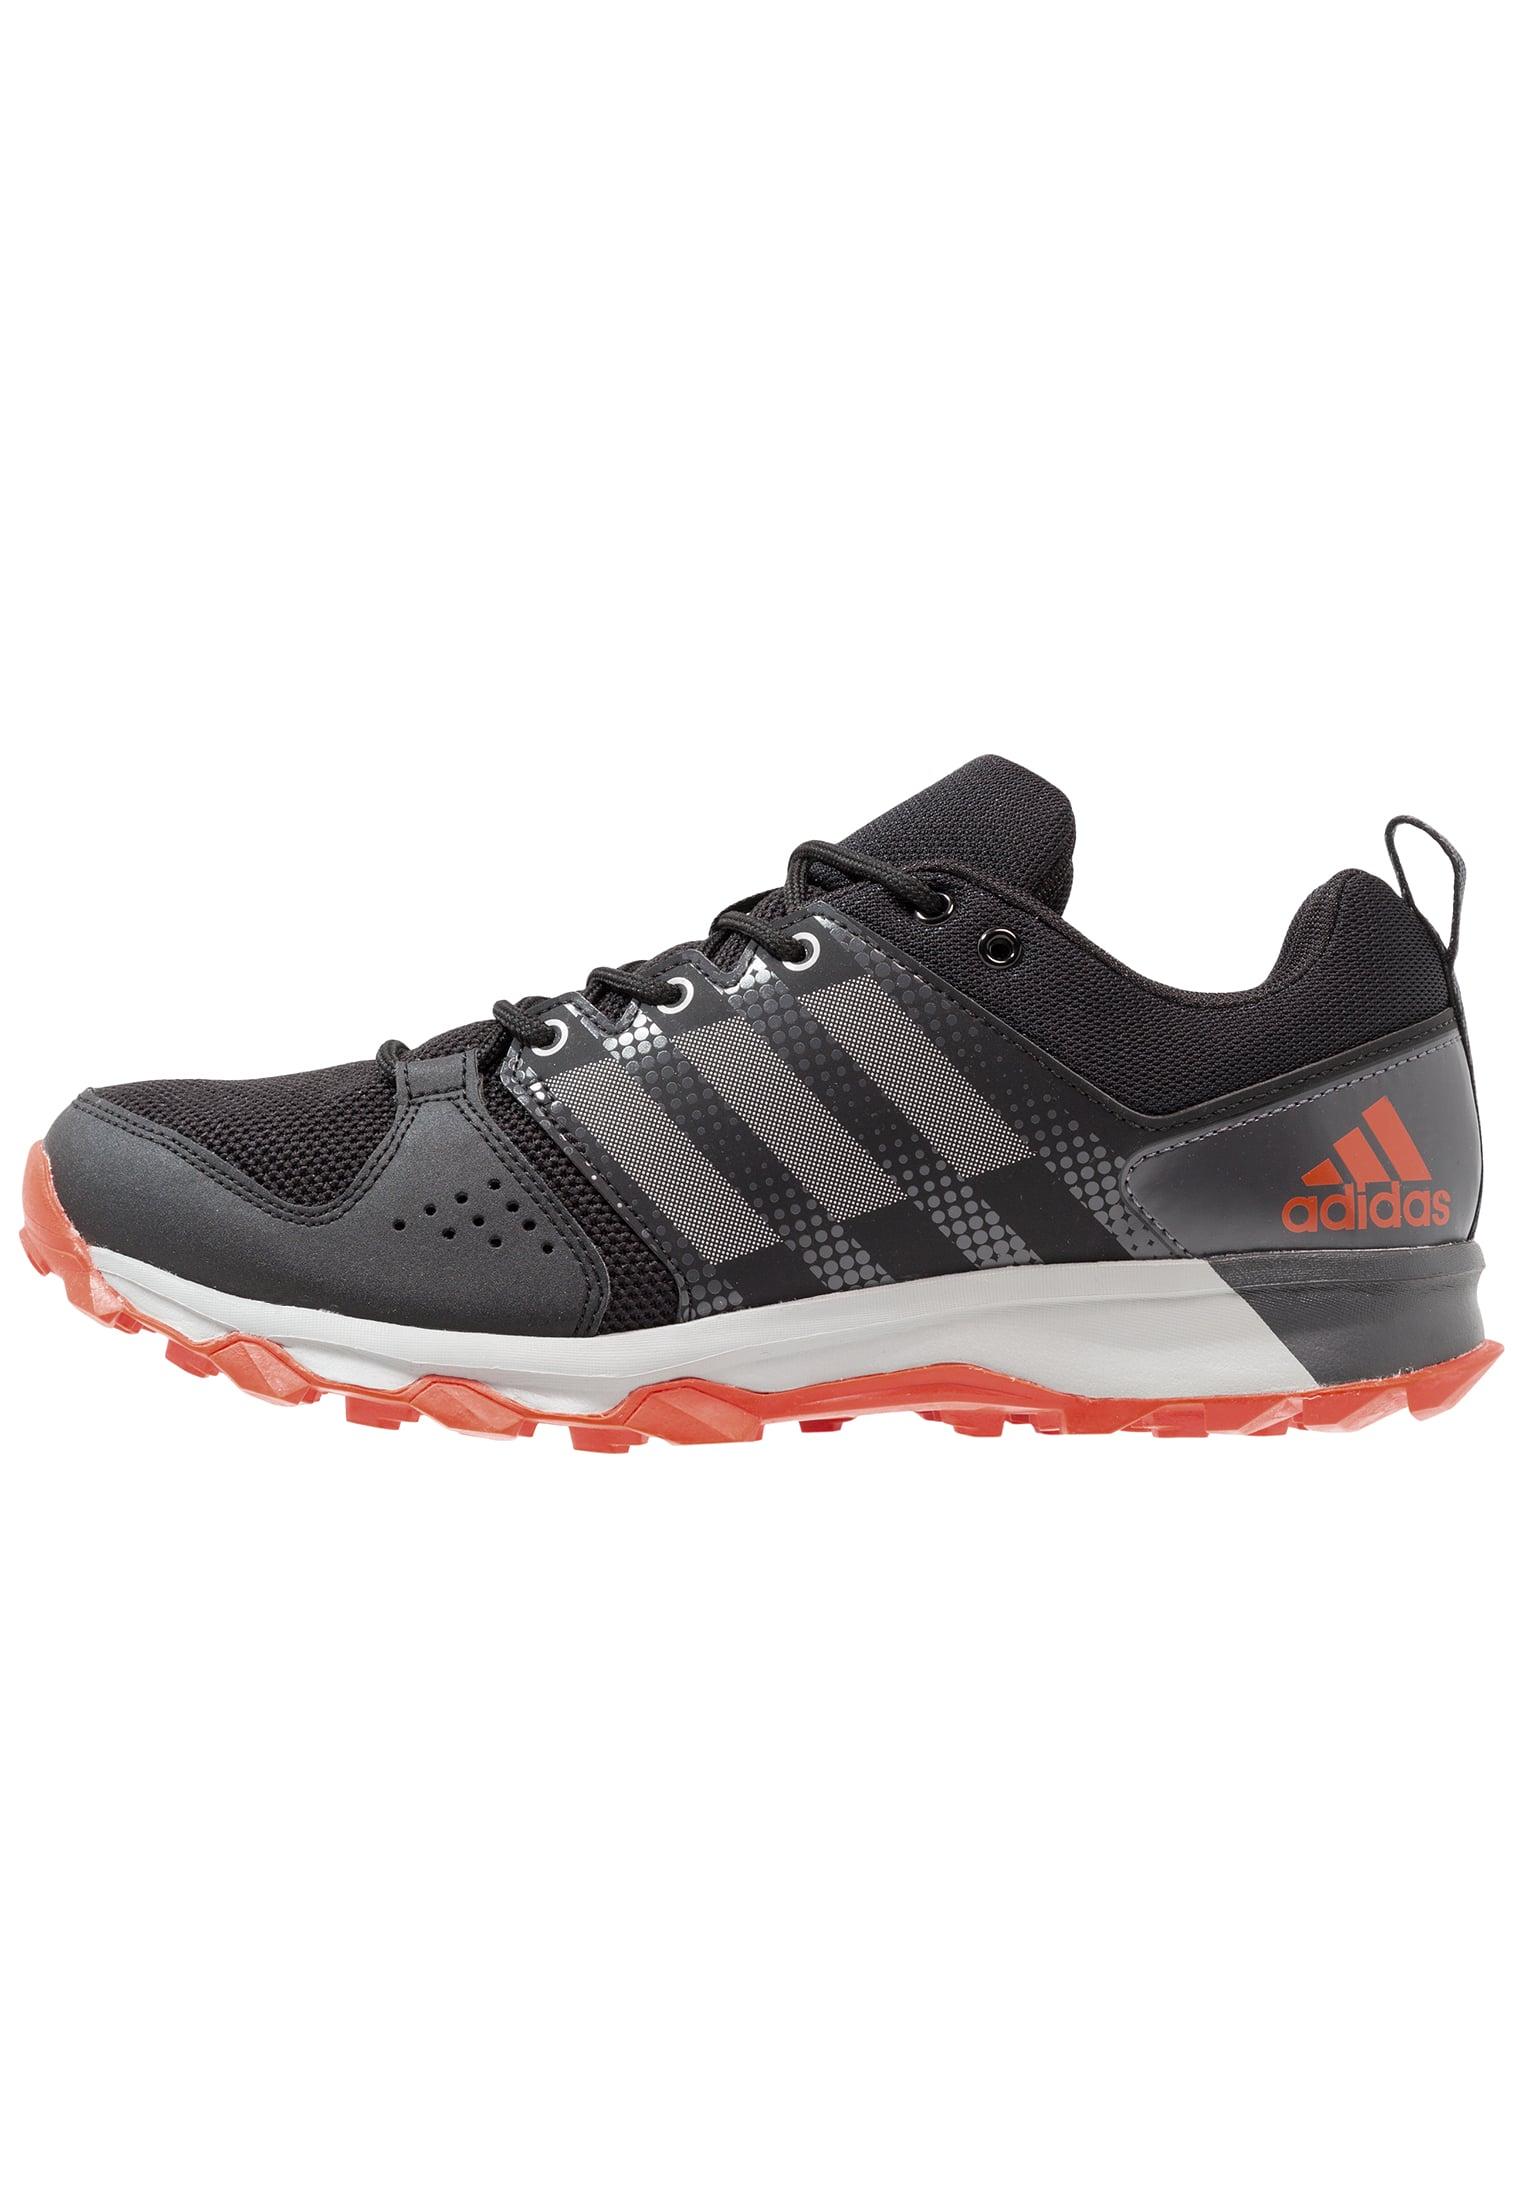 Chaussures de running galaxy adidas sport homme